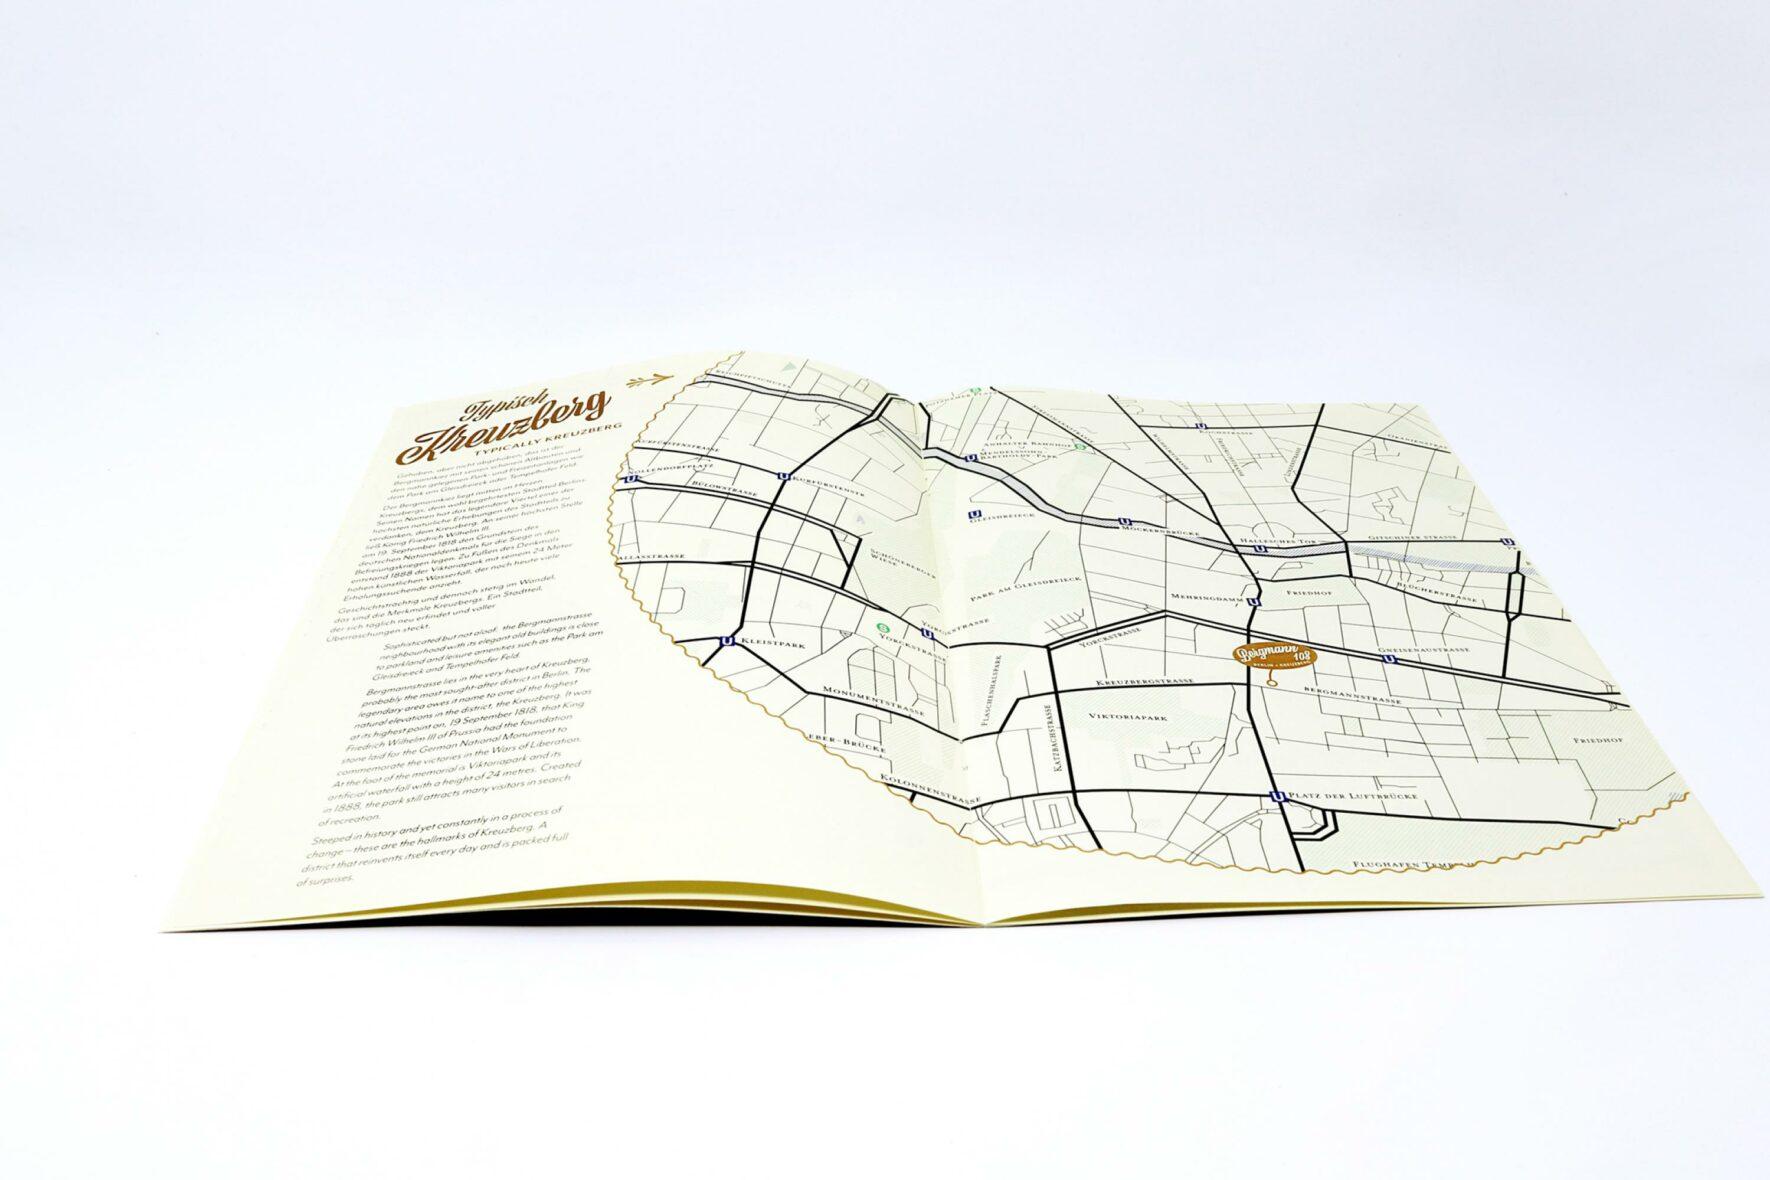 1Corporate_Design-Trendcity_Immobilien-Broschüre-Bergmann-Layout-3